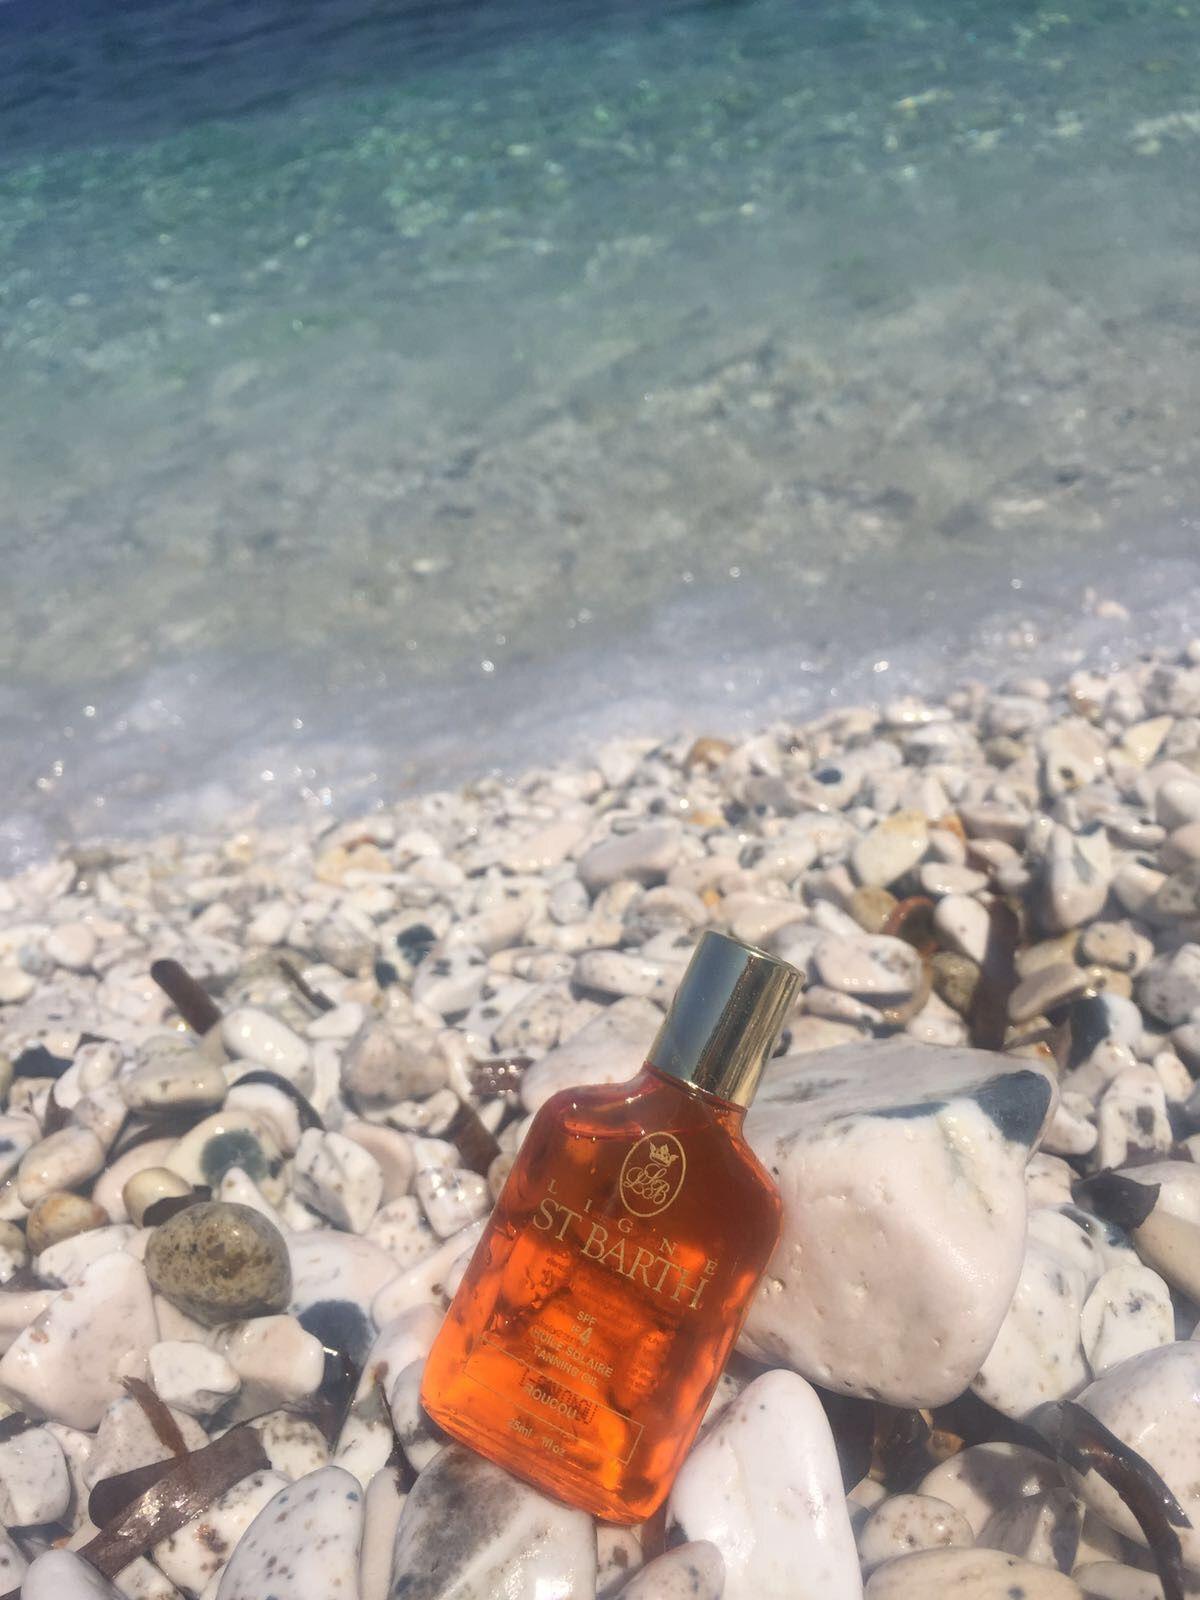 Olio di Roucu, la protezione naturale ideale per le tue vacanze... ovunque vai ti senti ai Caraibi #lignstbarth #asiago #foryouasiago